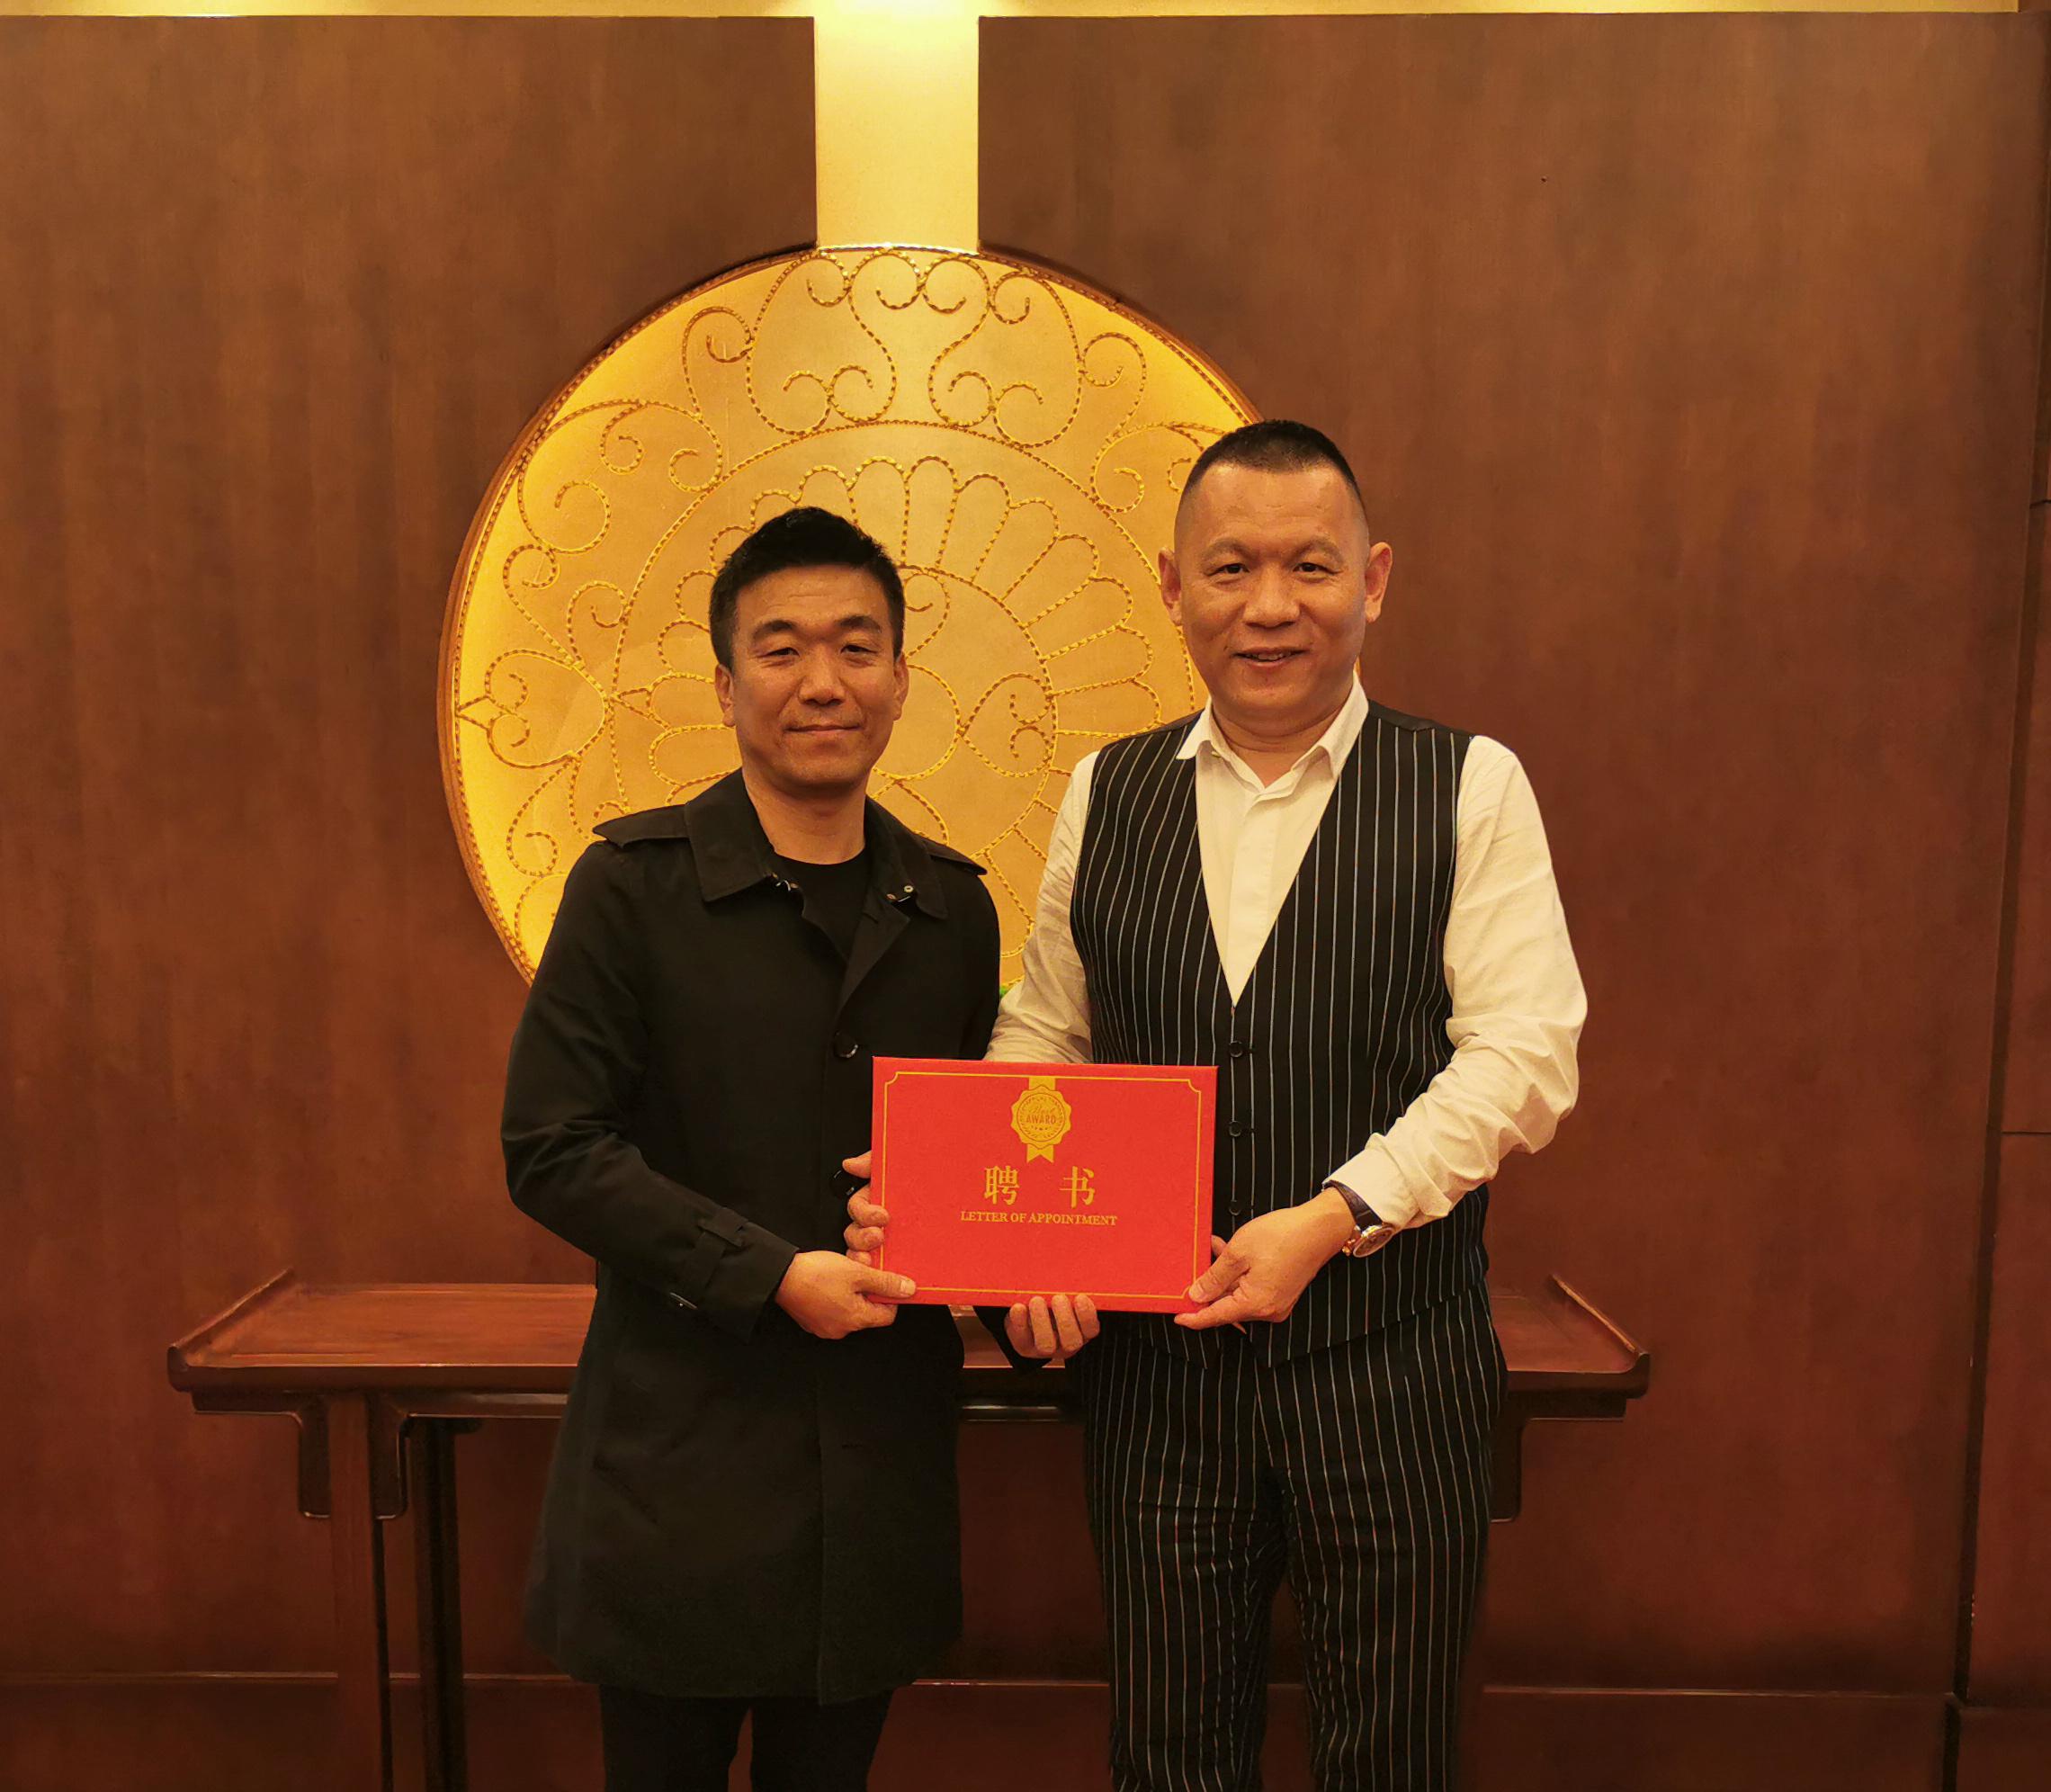 【喜讯】筋骨堂集团董事长李强受聘为中国亚洲经济发展协会对外投资委员会常务副会长